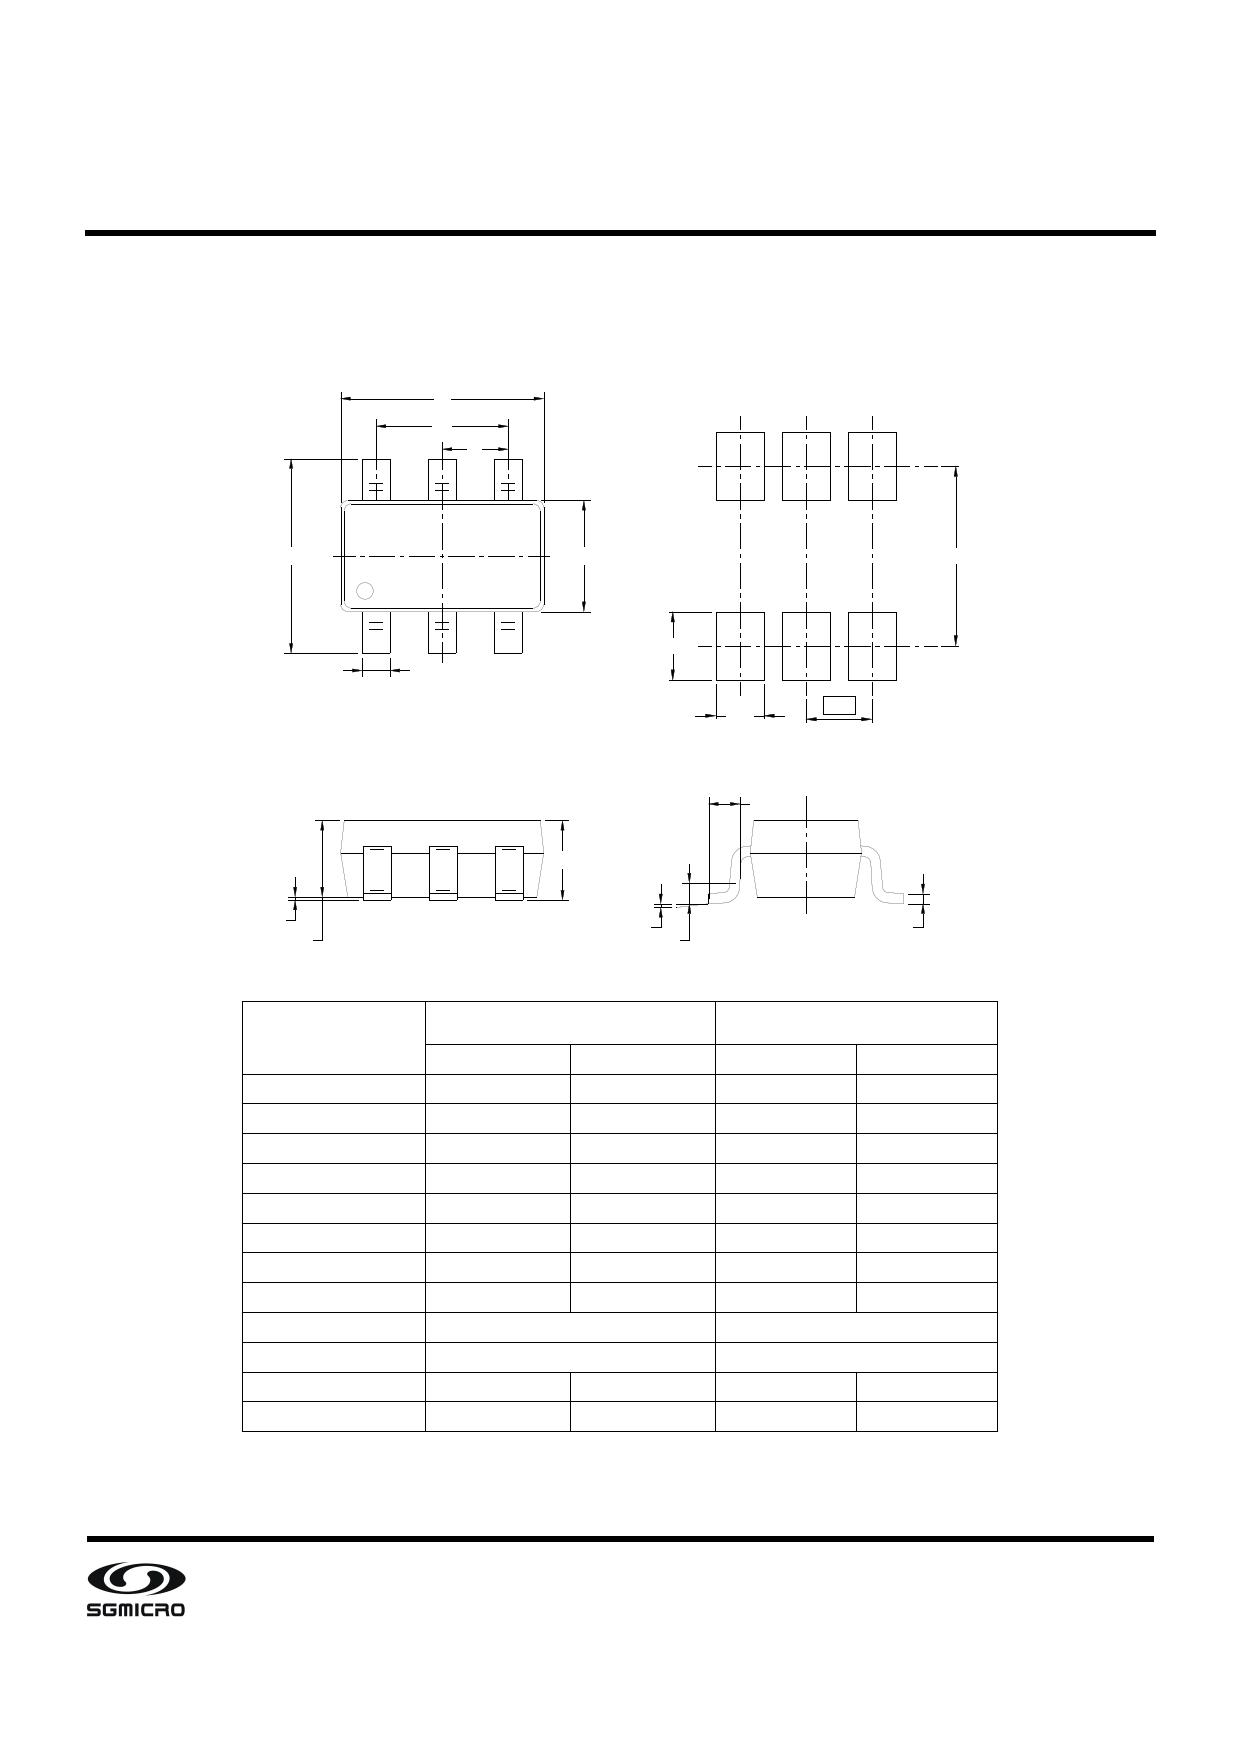 SGM9114 diode, scr